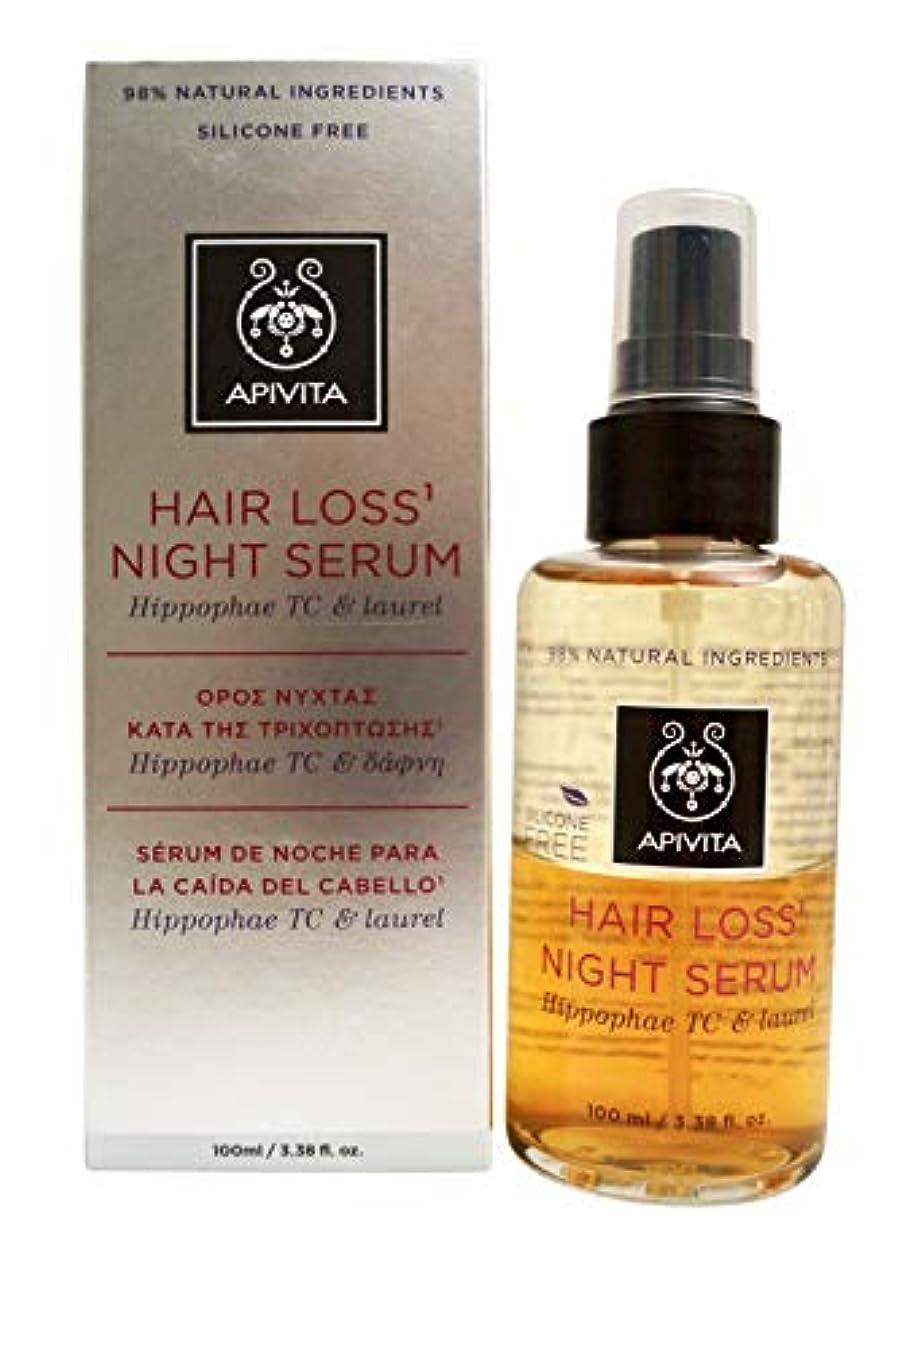 手荷物アイザックトピックアピヴィータ Hair Loss Night Serum with Hippophae TC & Laurel 100ml [並行輸入品]